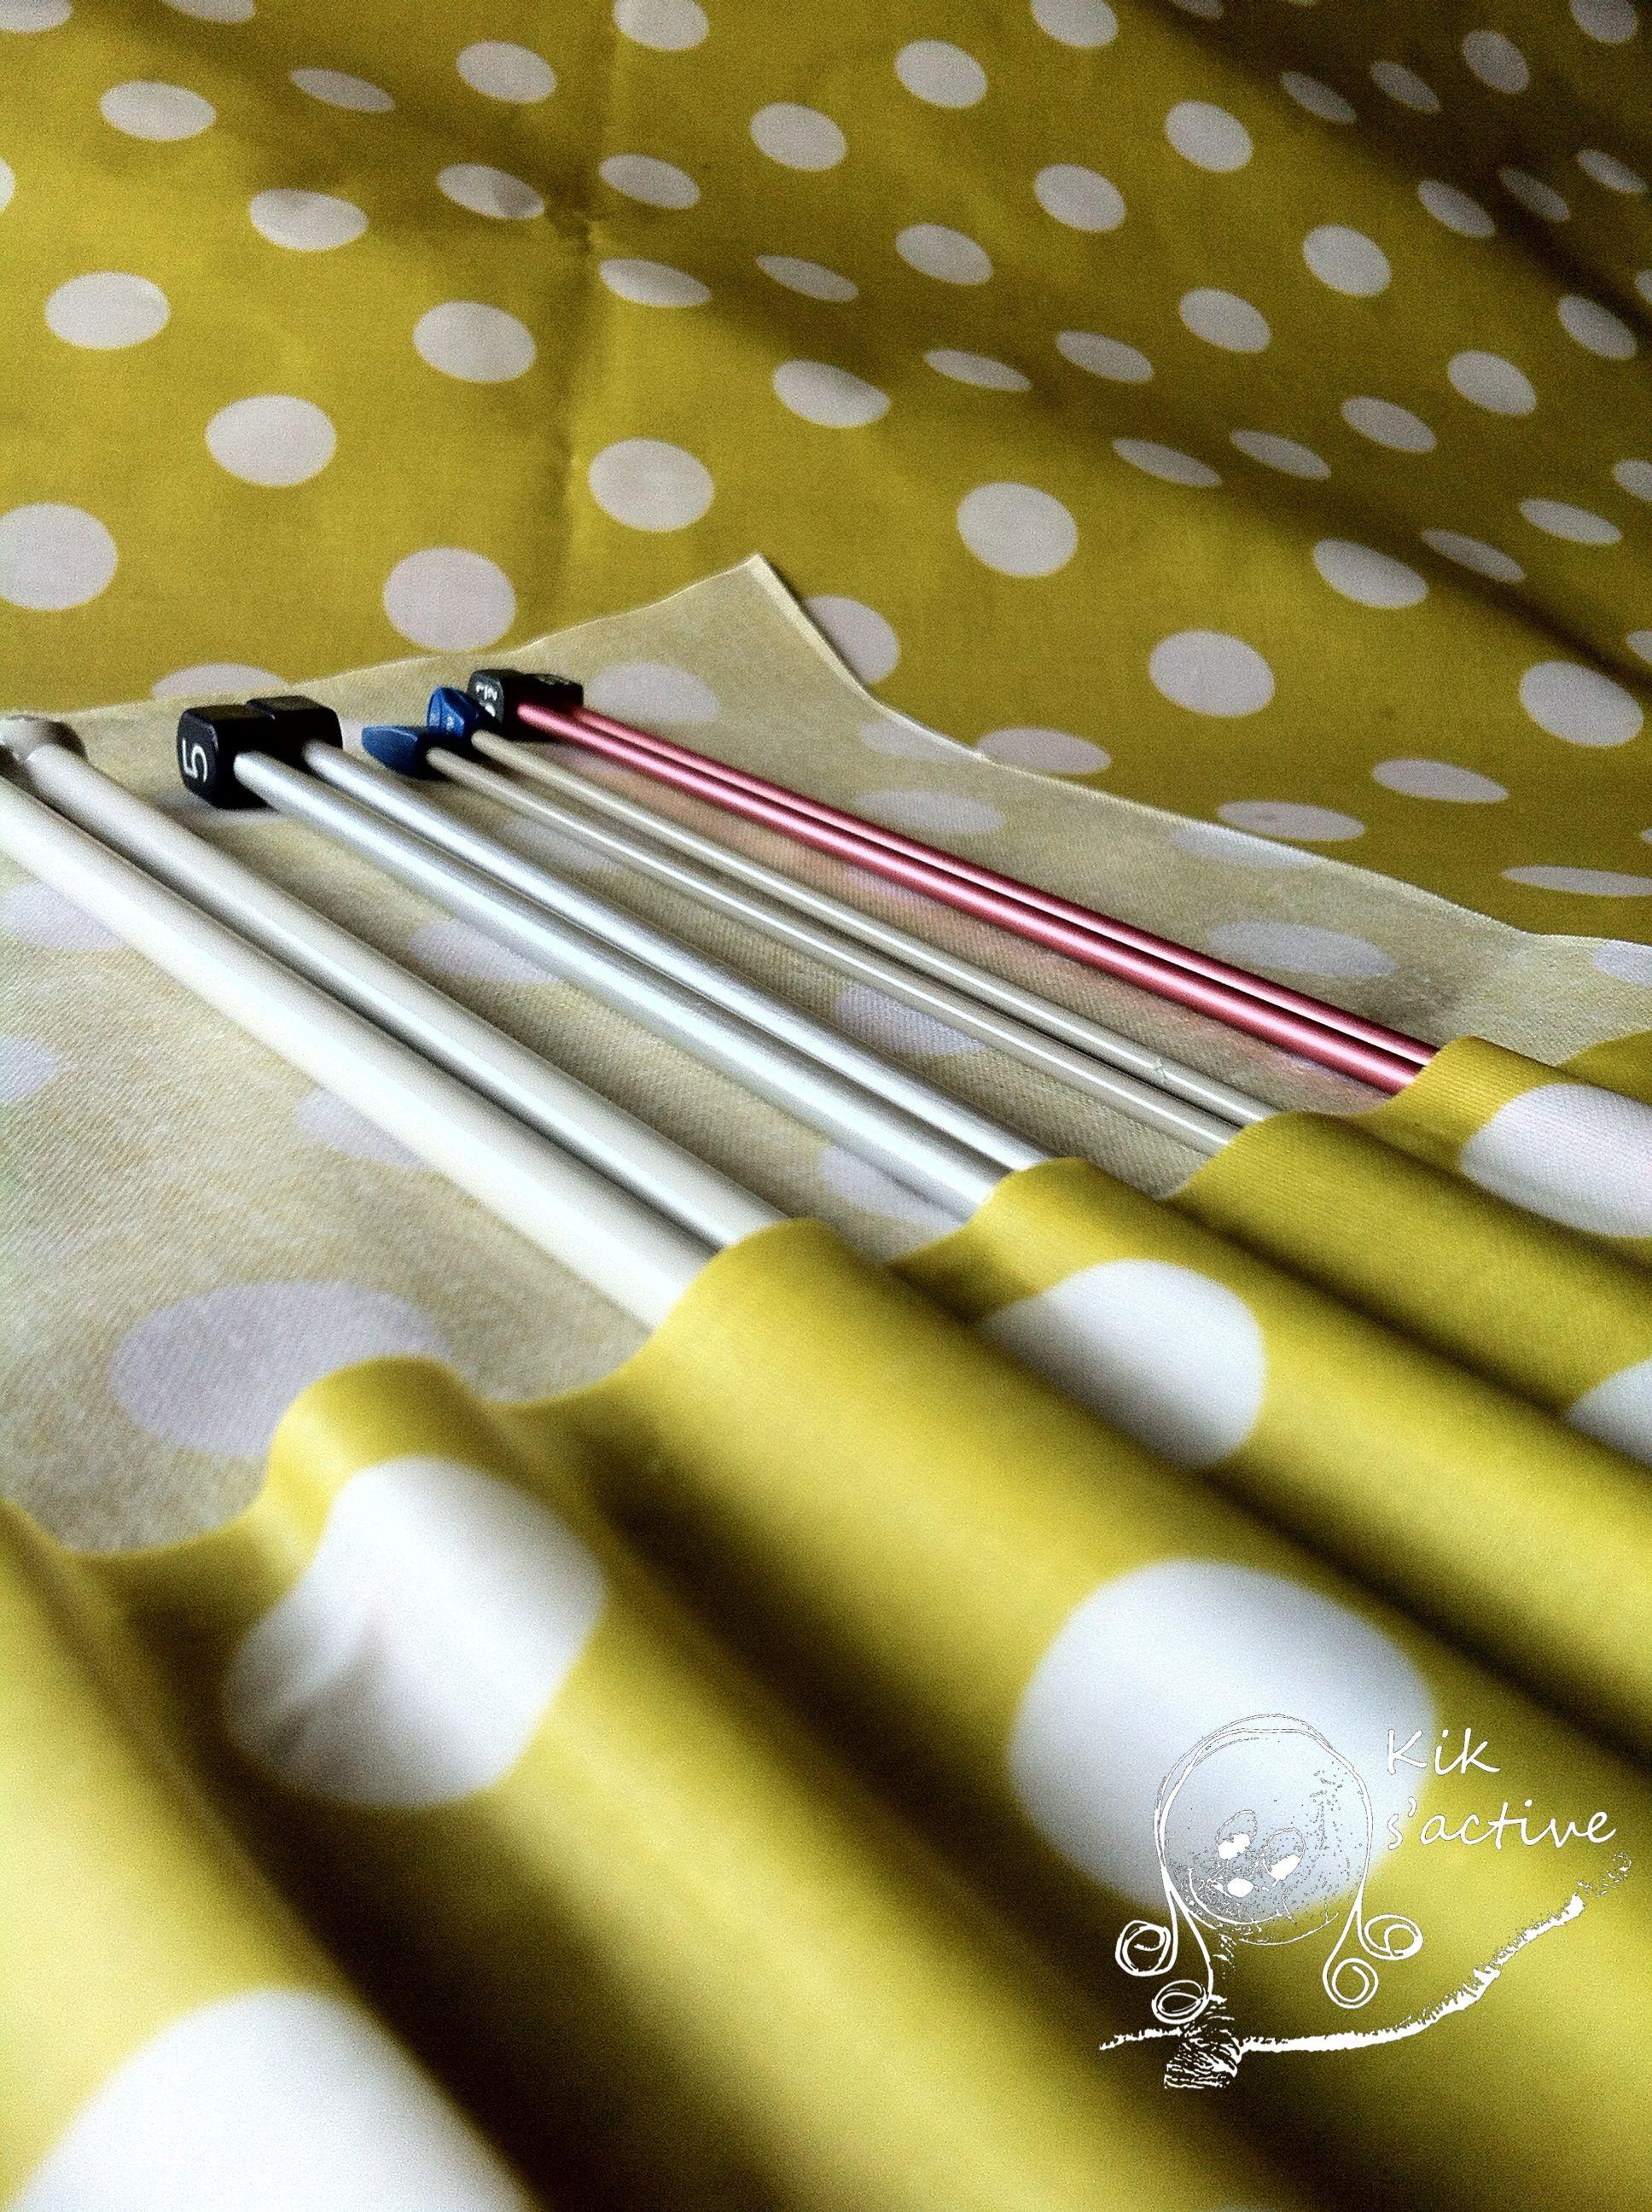 Diy range aiguilles à tricoter   Aiguille a tricoter, Tuto couture, Tricot